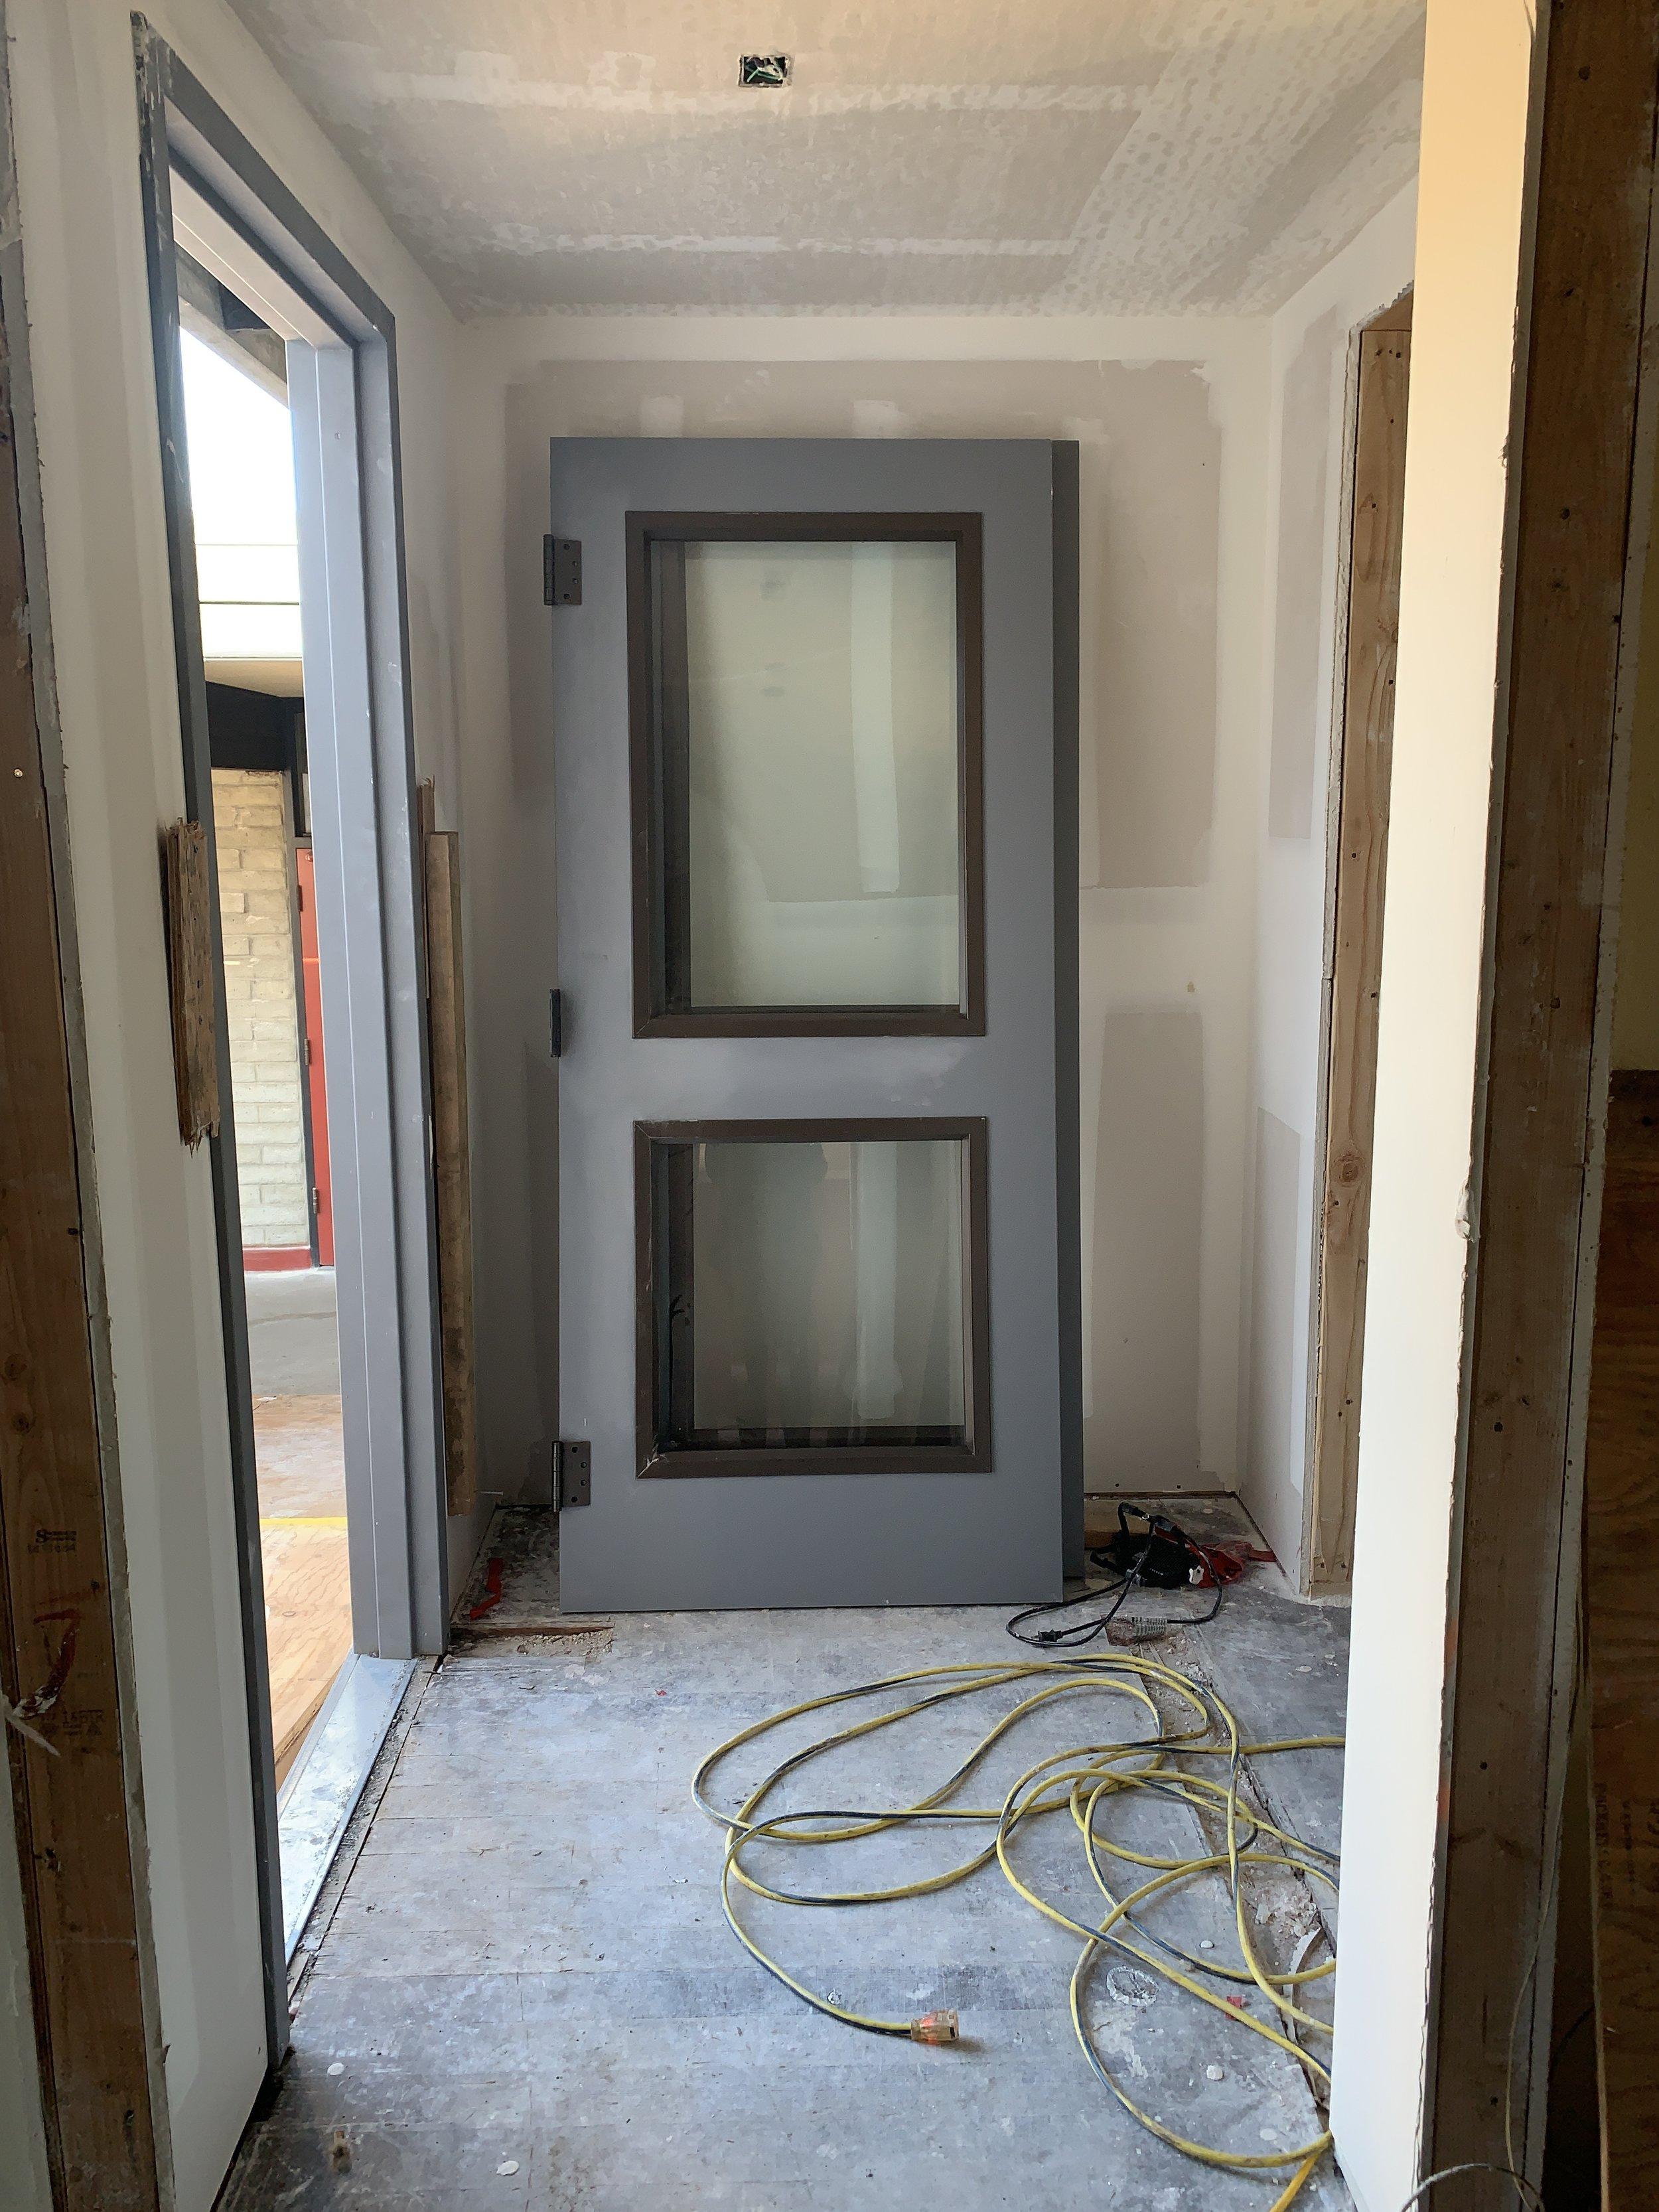 3-14-2019 New doors